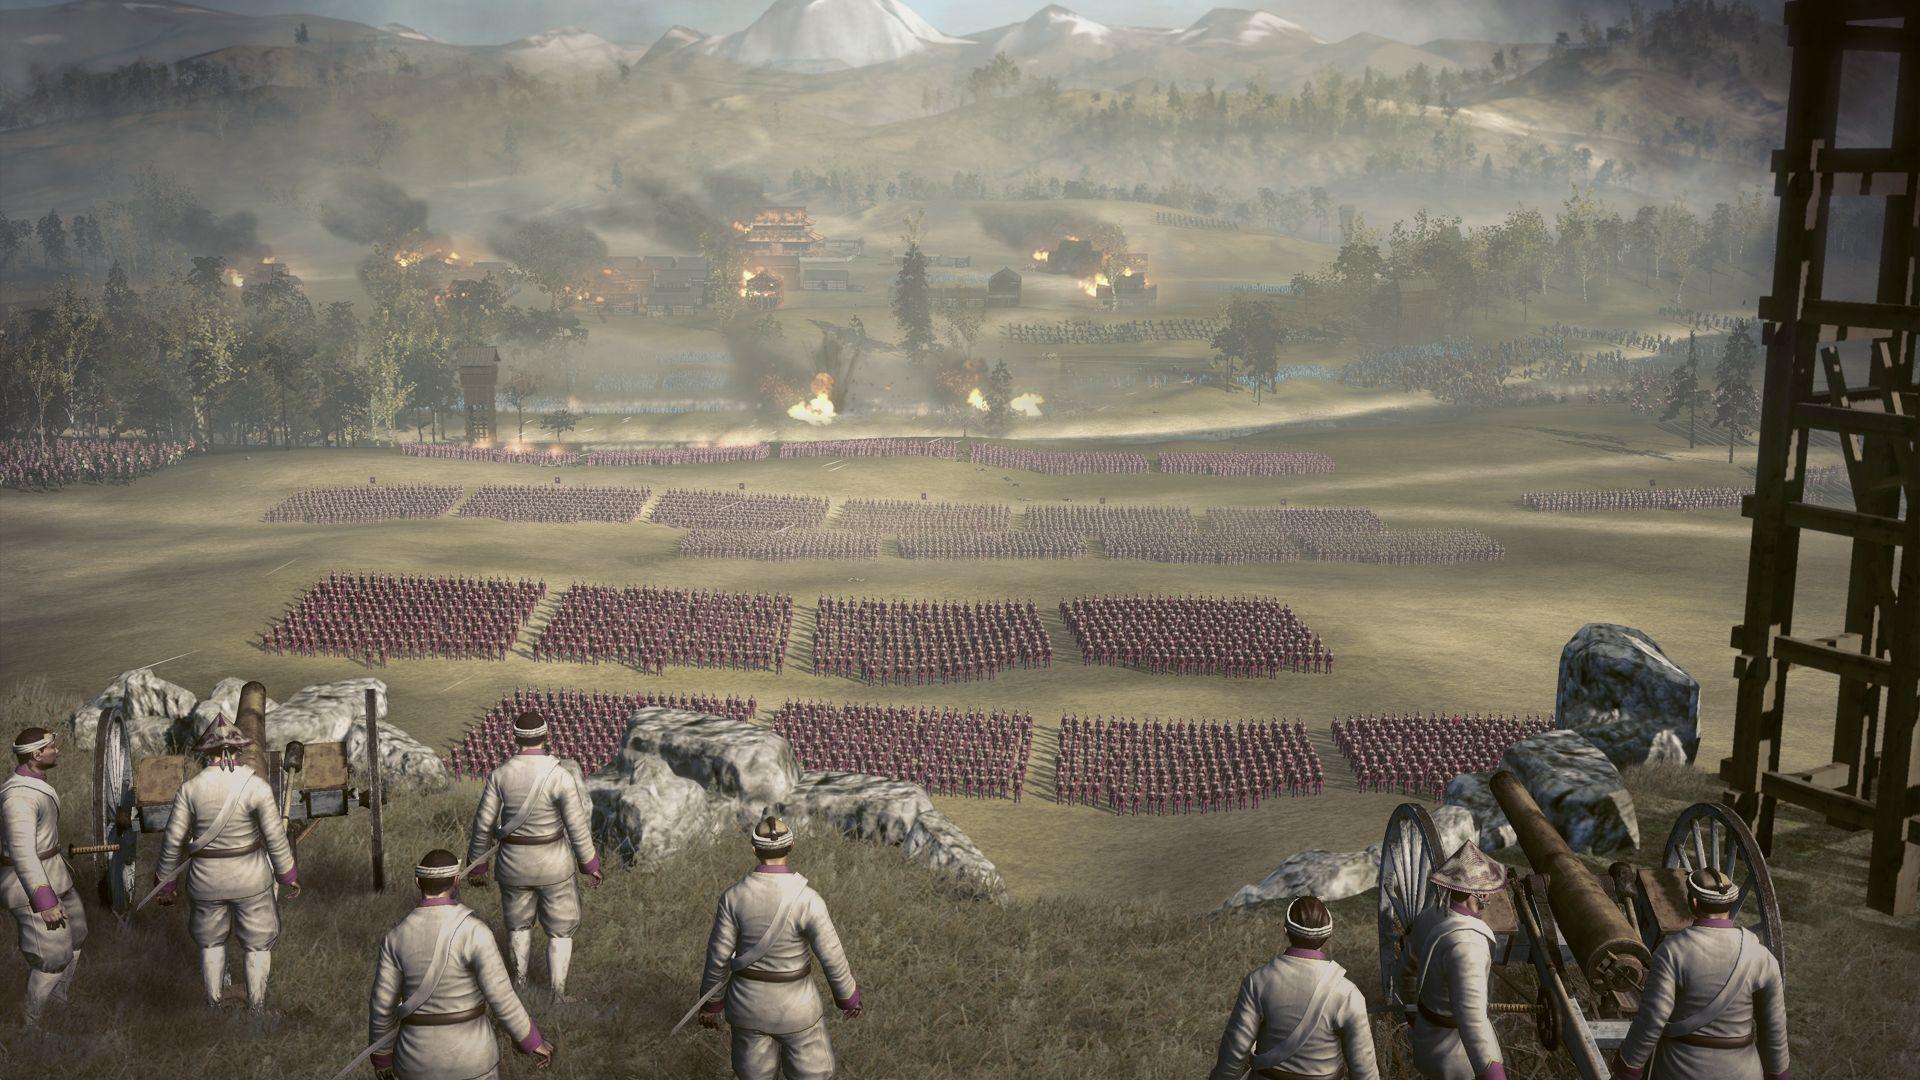 Datum vydání datadisku Shogun 2: Fall of the Samurai 59635